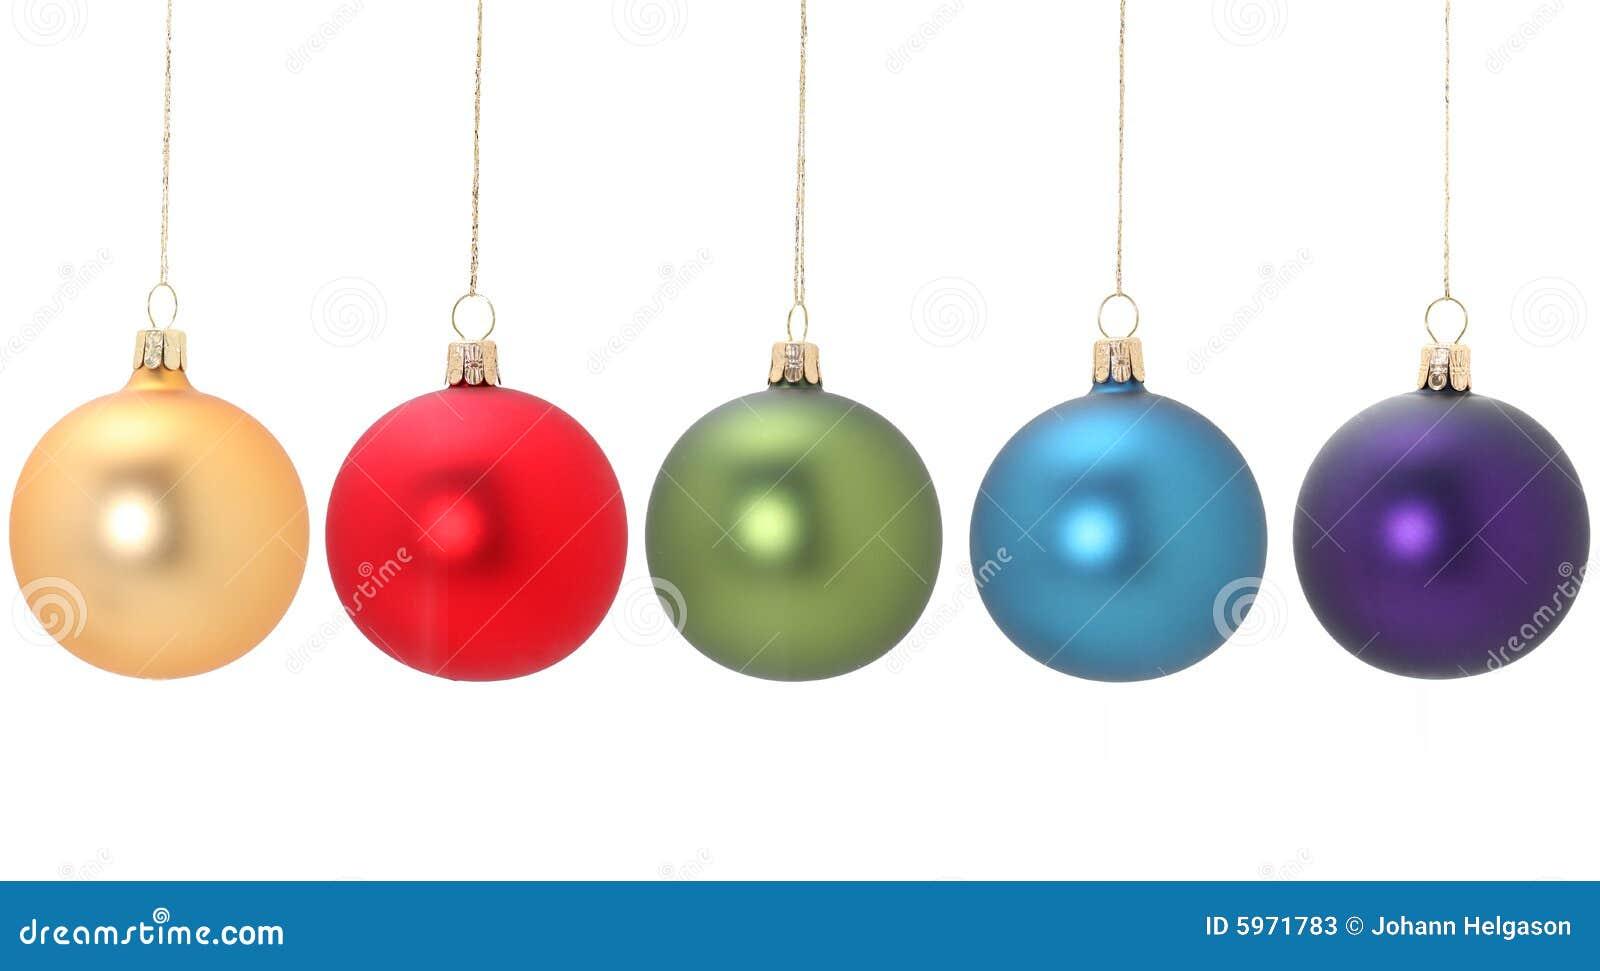 Cinco bolas de la navidad fotos de archivo imagen 5971783 - Bolas gigantes de navidad ...